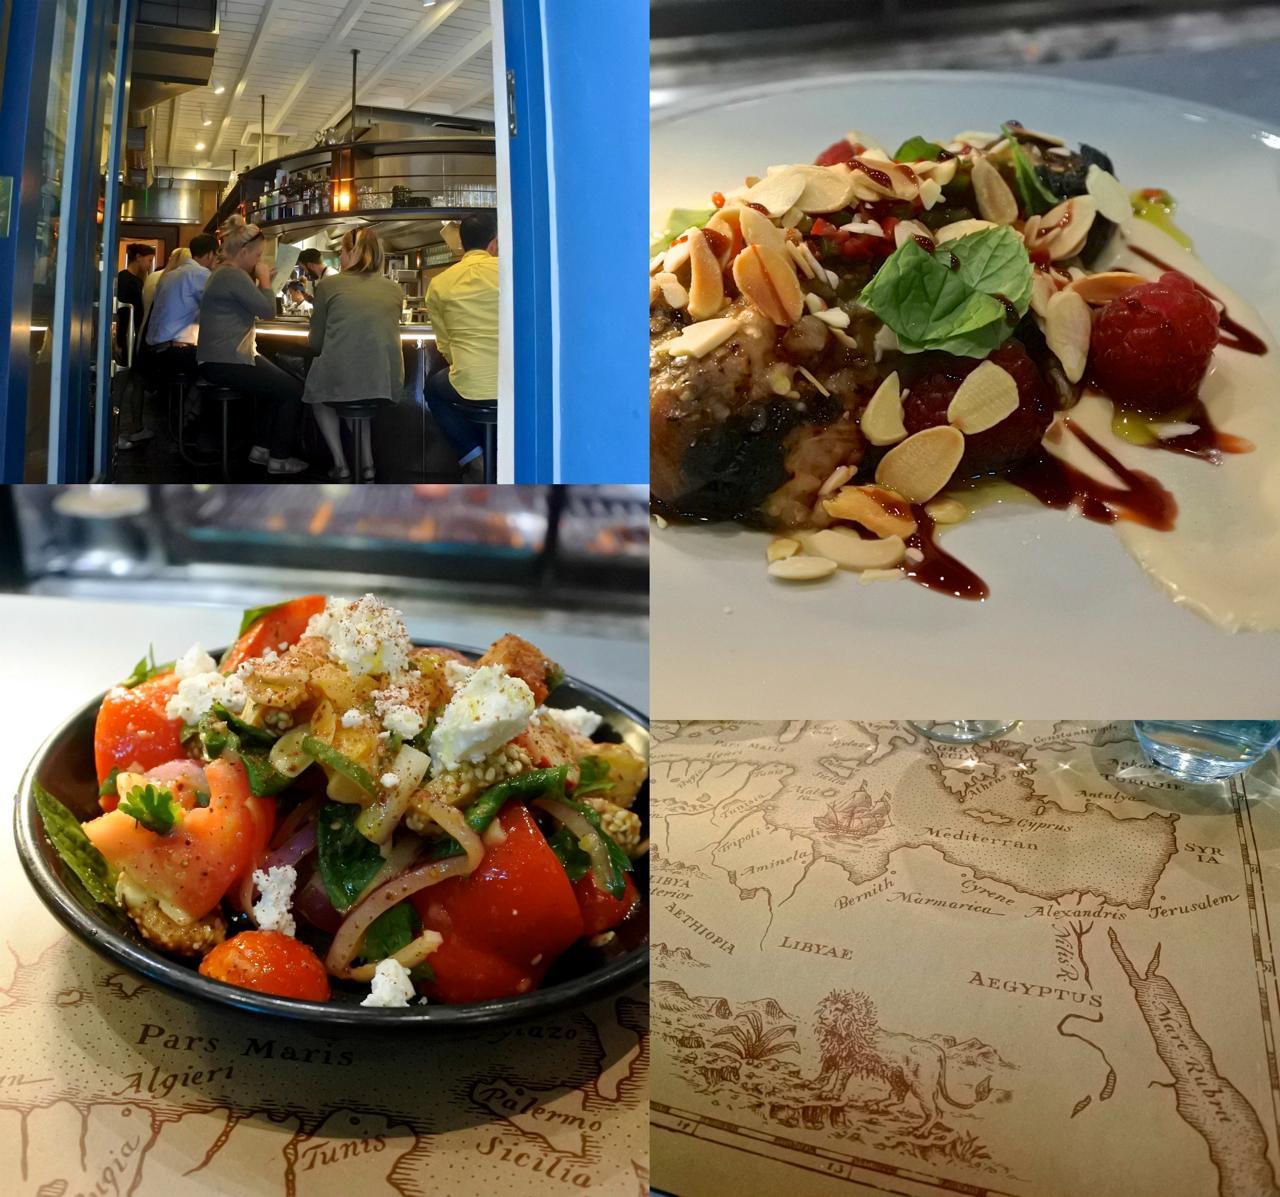 左下はトマトとタマネギ、その他野菜にクルトンを加えたサラダ。とっても新鮮で丁寧に作られた佳品☆